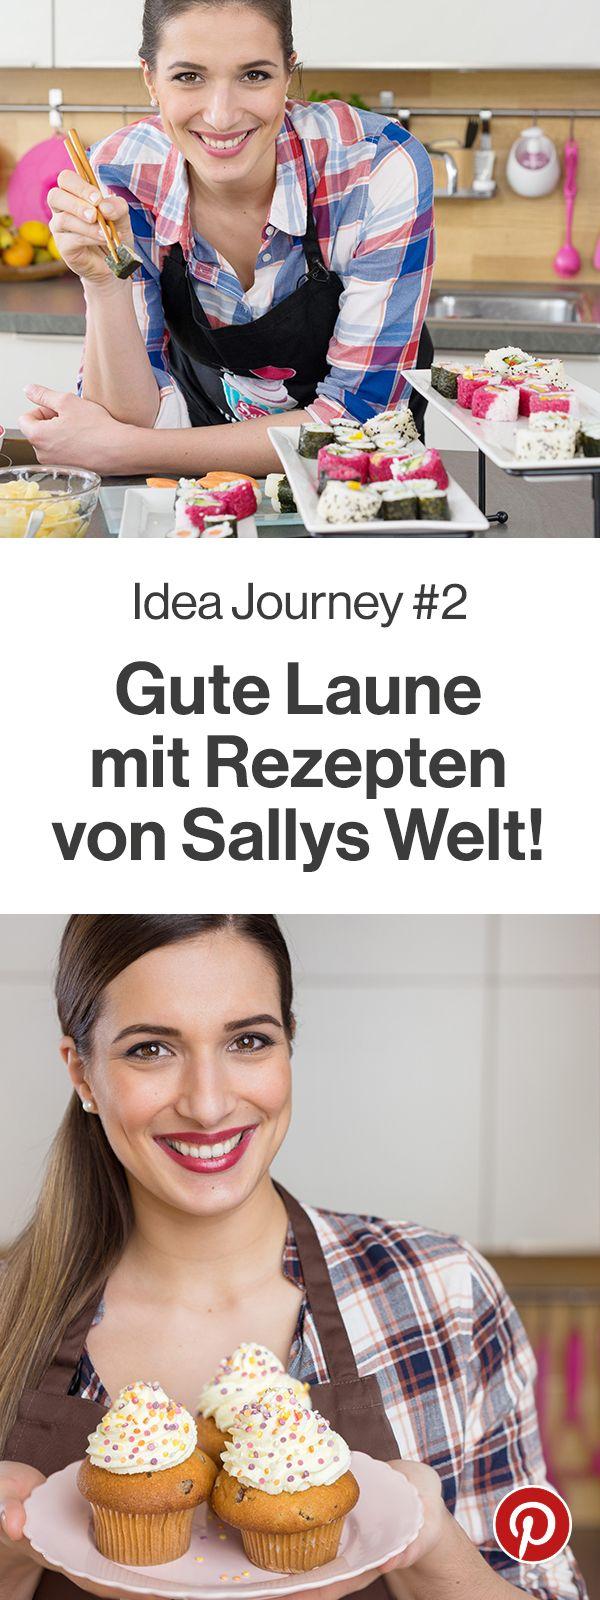 Das Thema unserer Idea Journey im Monat Februar lautet 'Gute Laune Rezepte'! Macht alle wieder fleißig mit und entdeckt Rezepte, die euch glücklich machen.